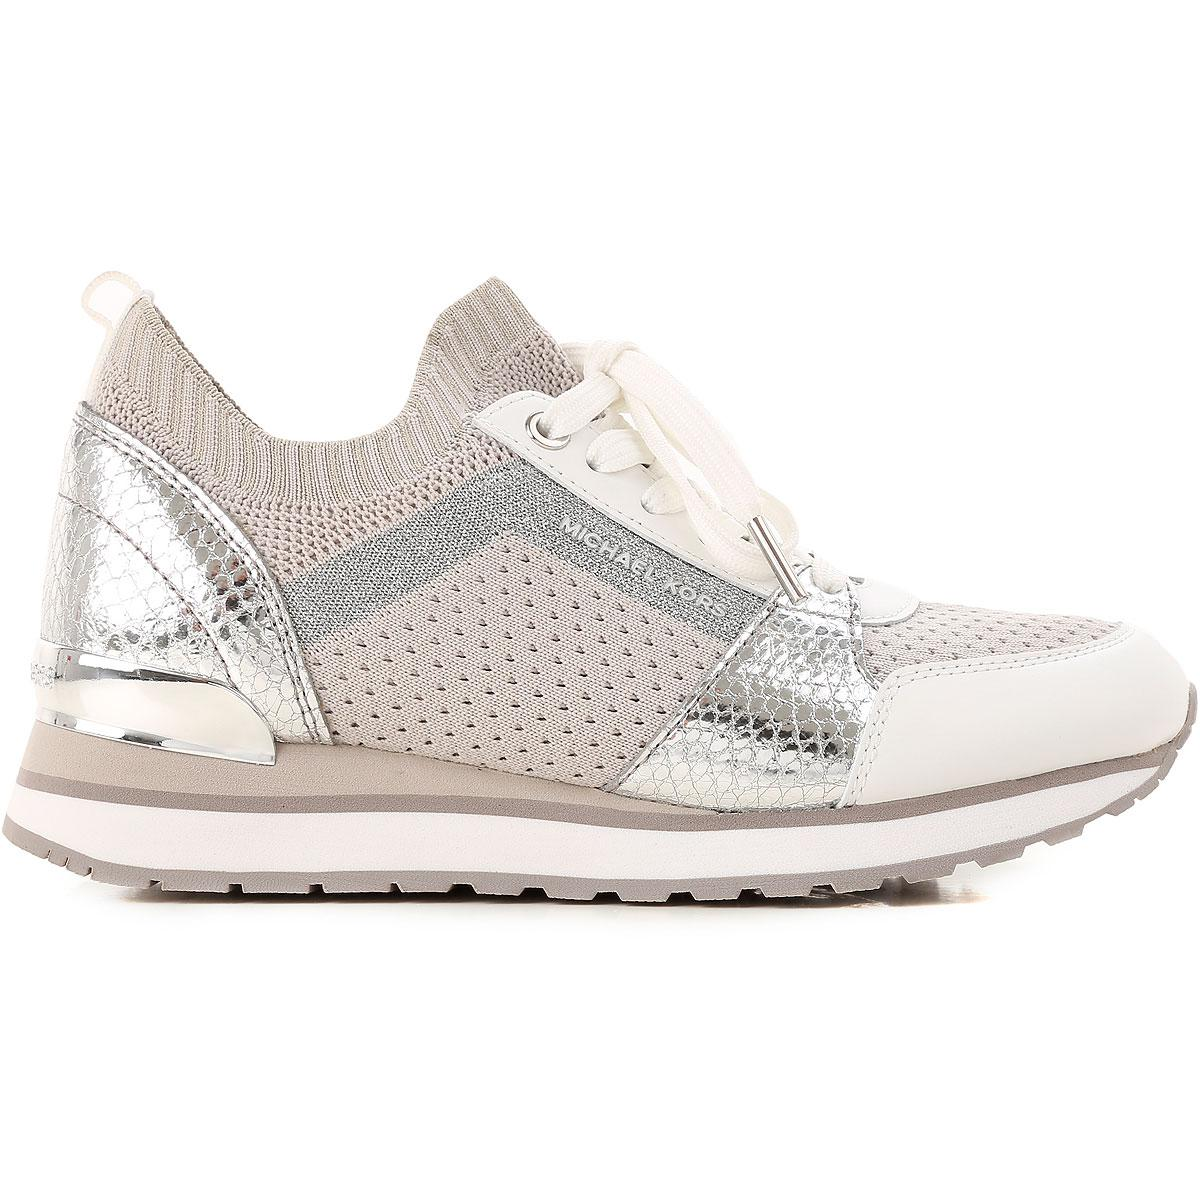 7fdfb86c3d6 Lyst - Sneaker Femme Pas cher en Soldes Michael Kors en coloris Blanc